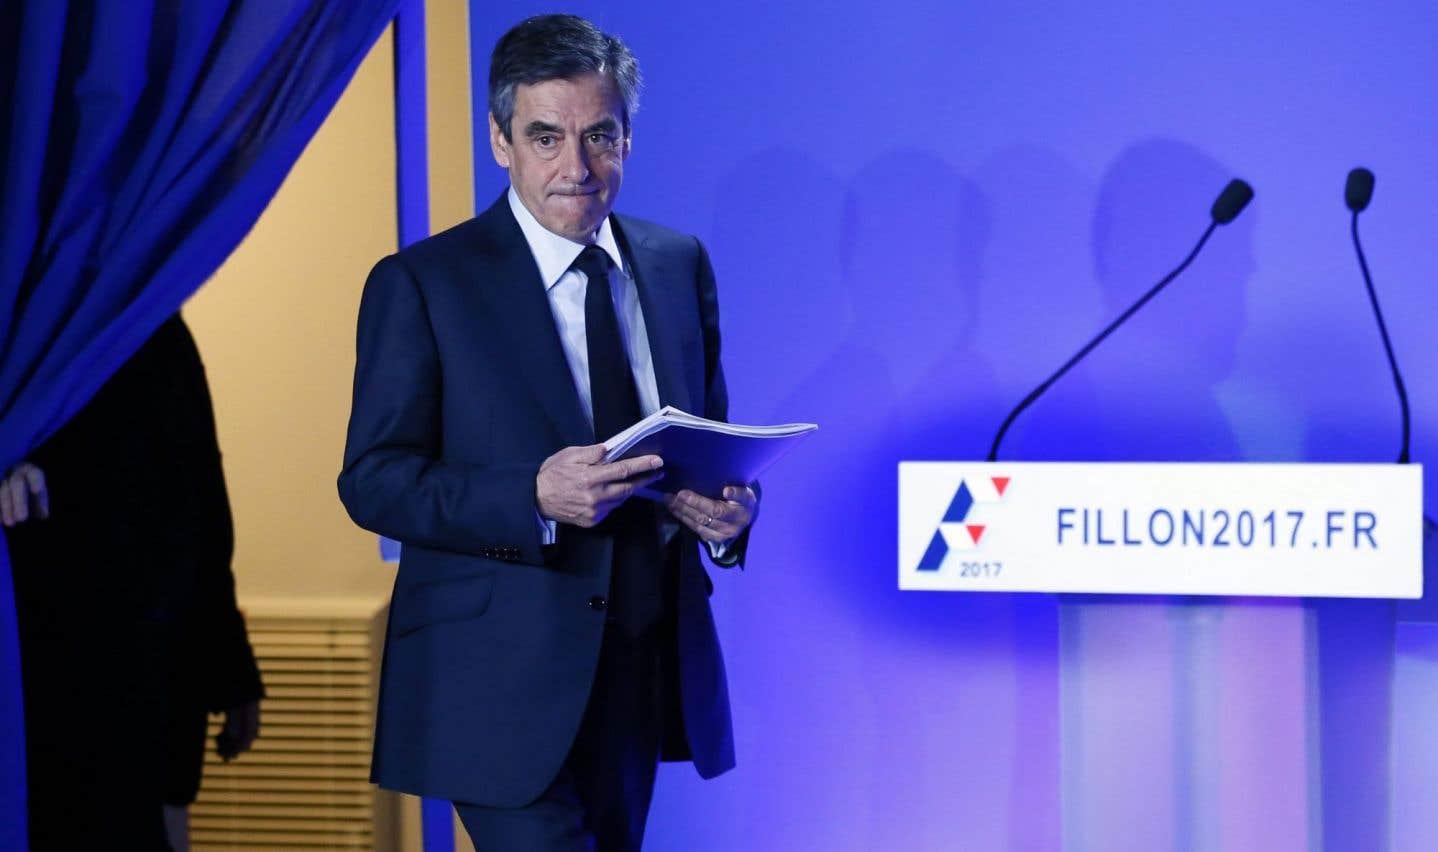 François Fillon inculpé dans l'affaire des emplois fictifs